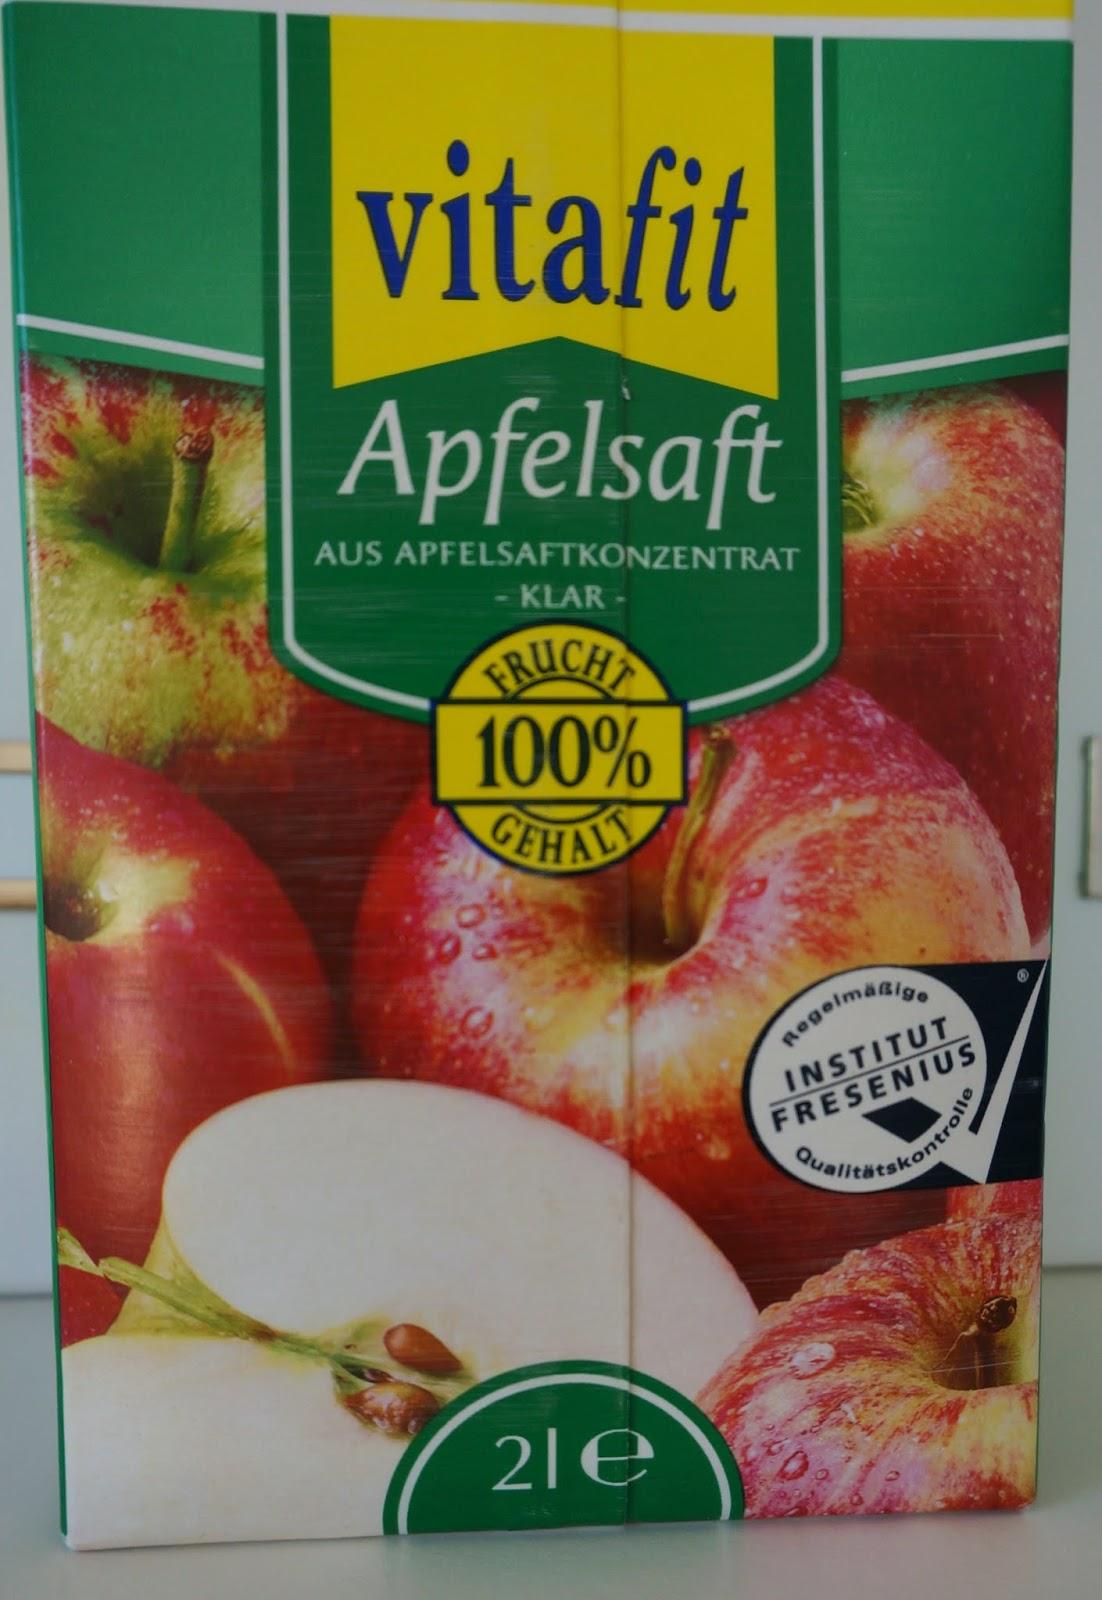 Fruchtsäfte - Was ist drin? Was ist gut?